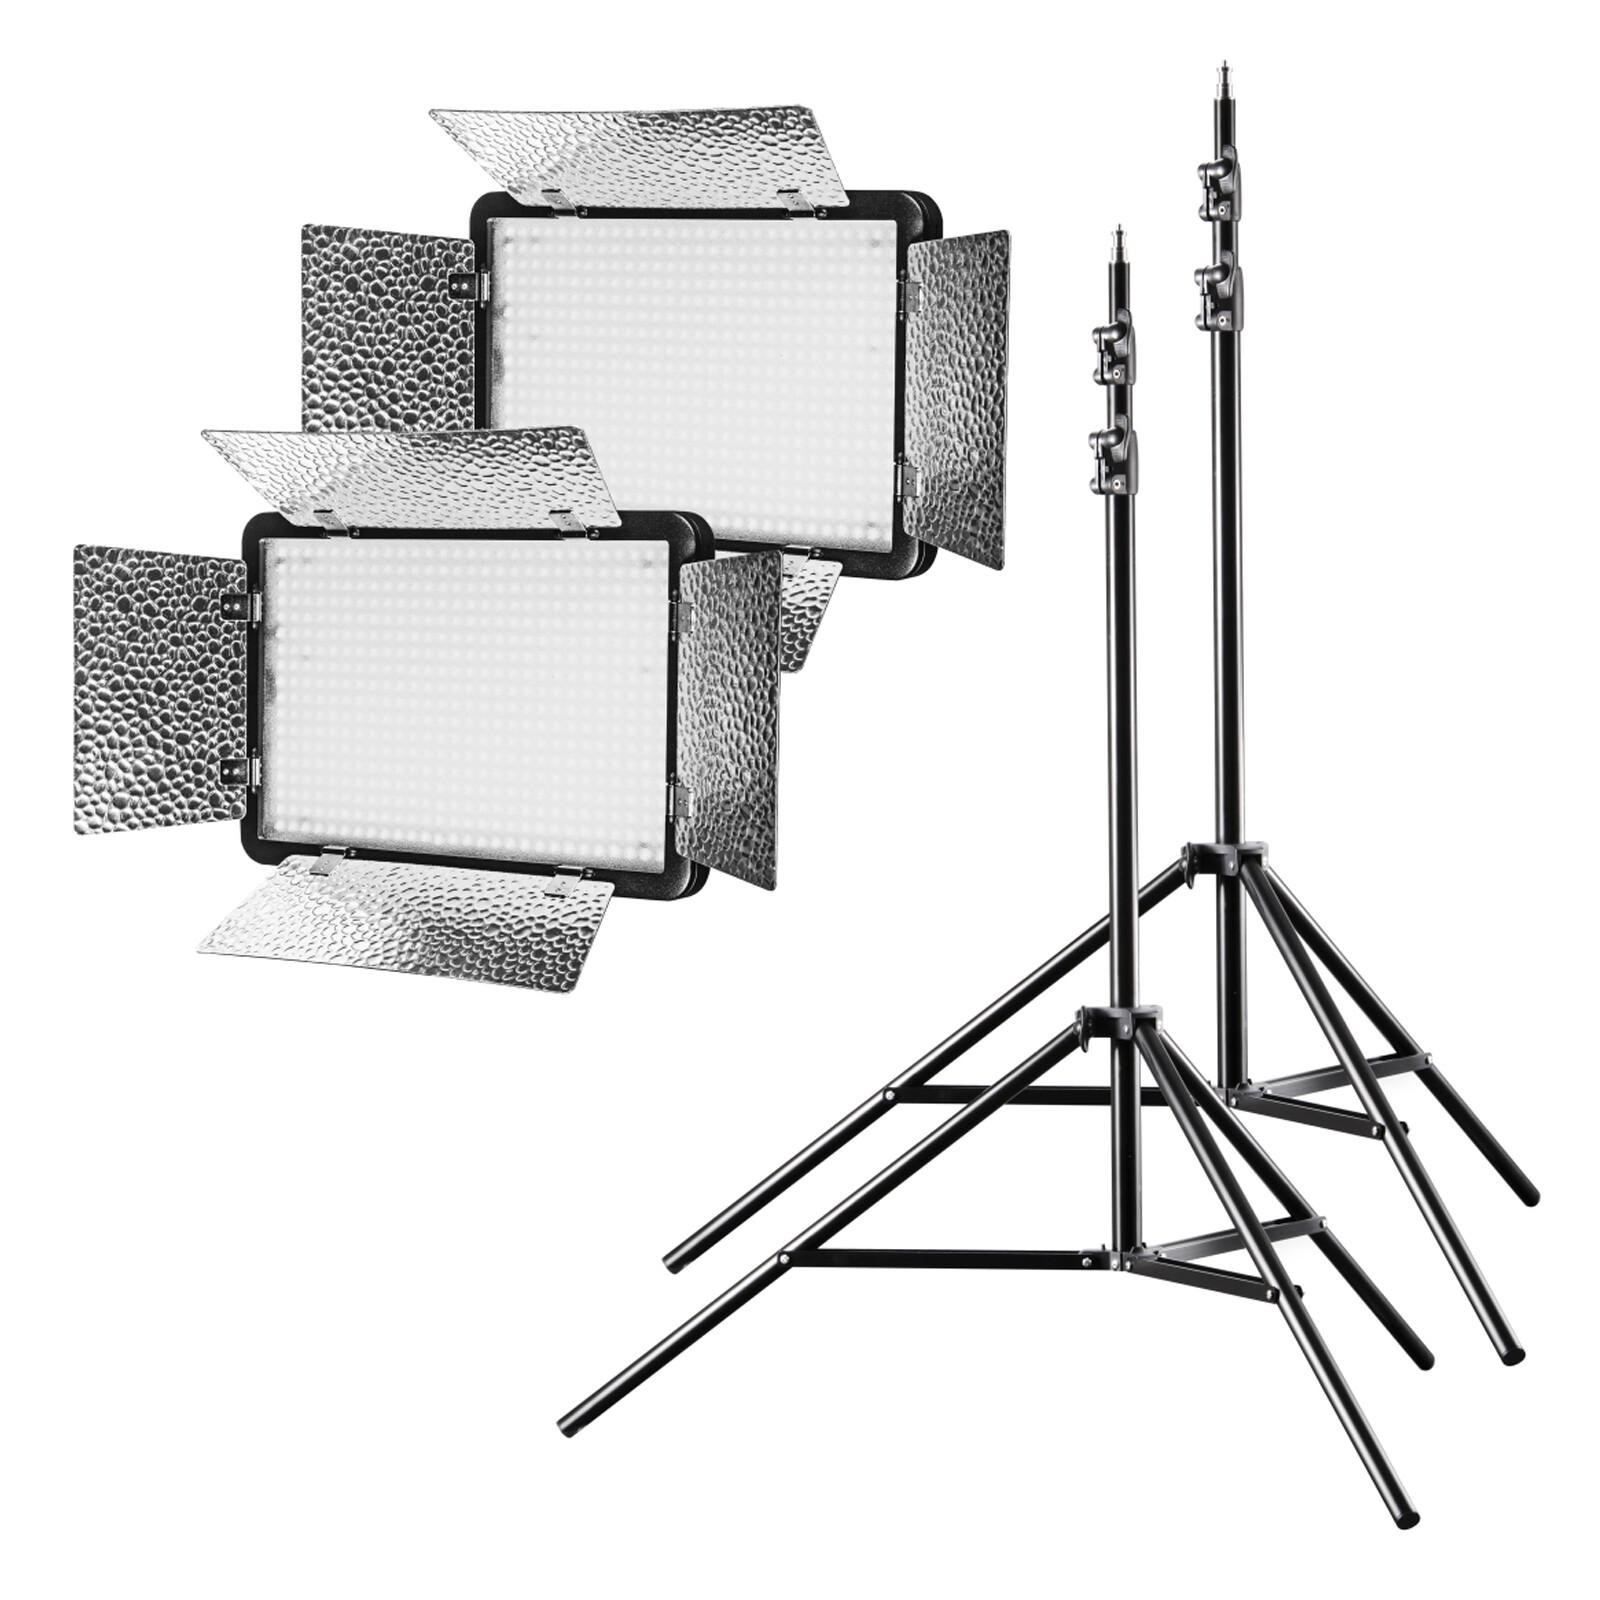 walimex pro LED 500 Versalight Daylight Set2